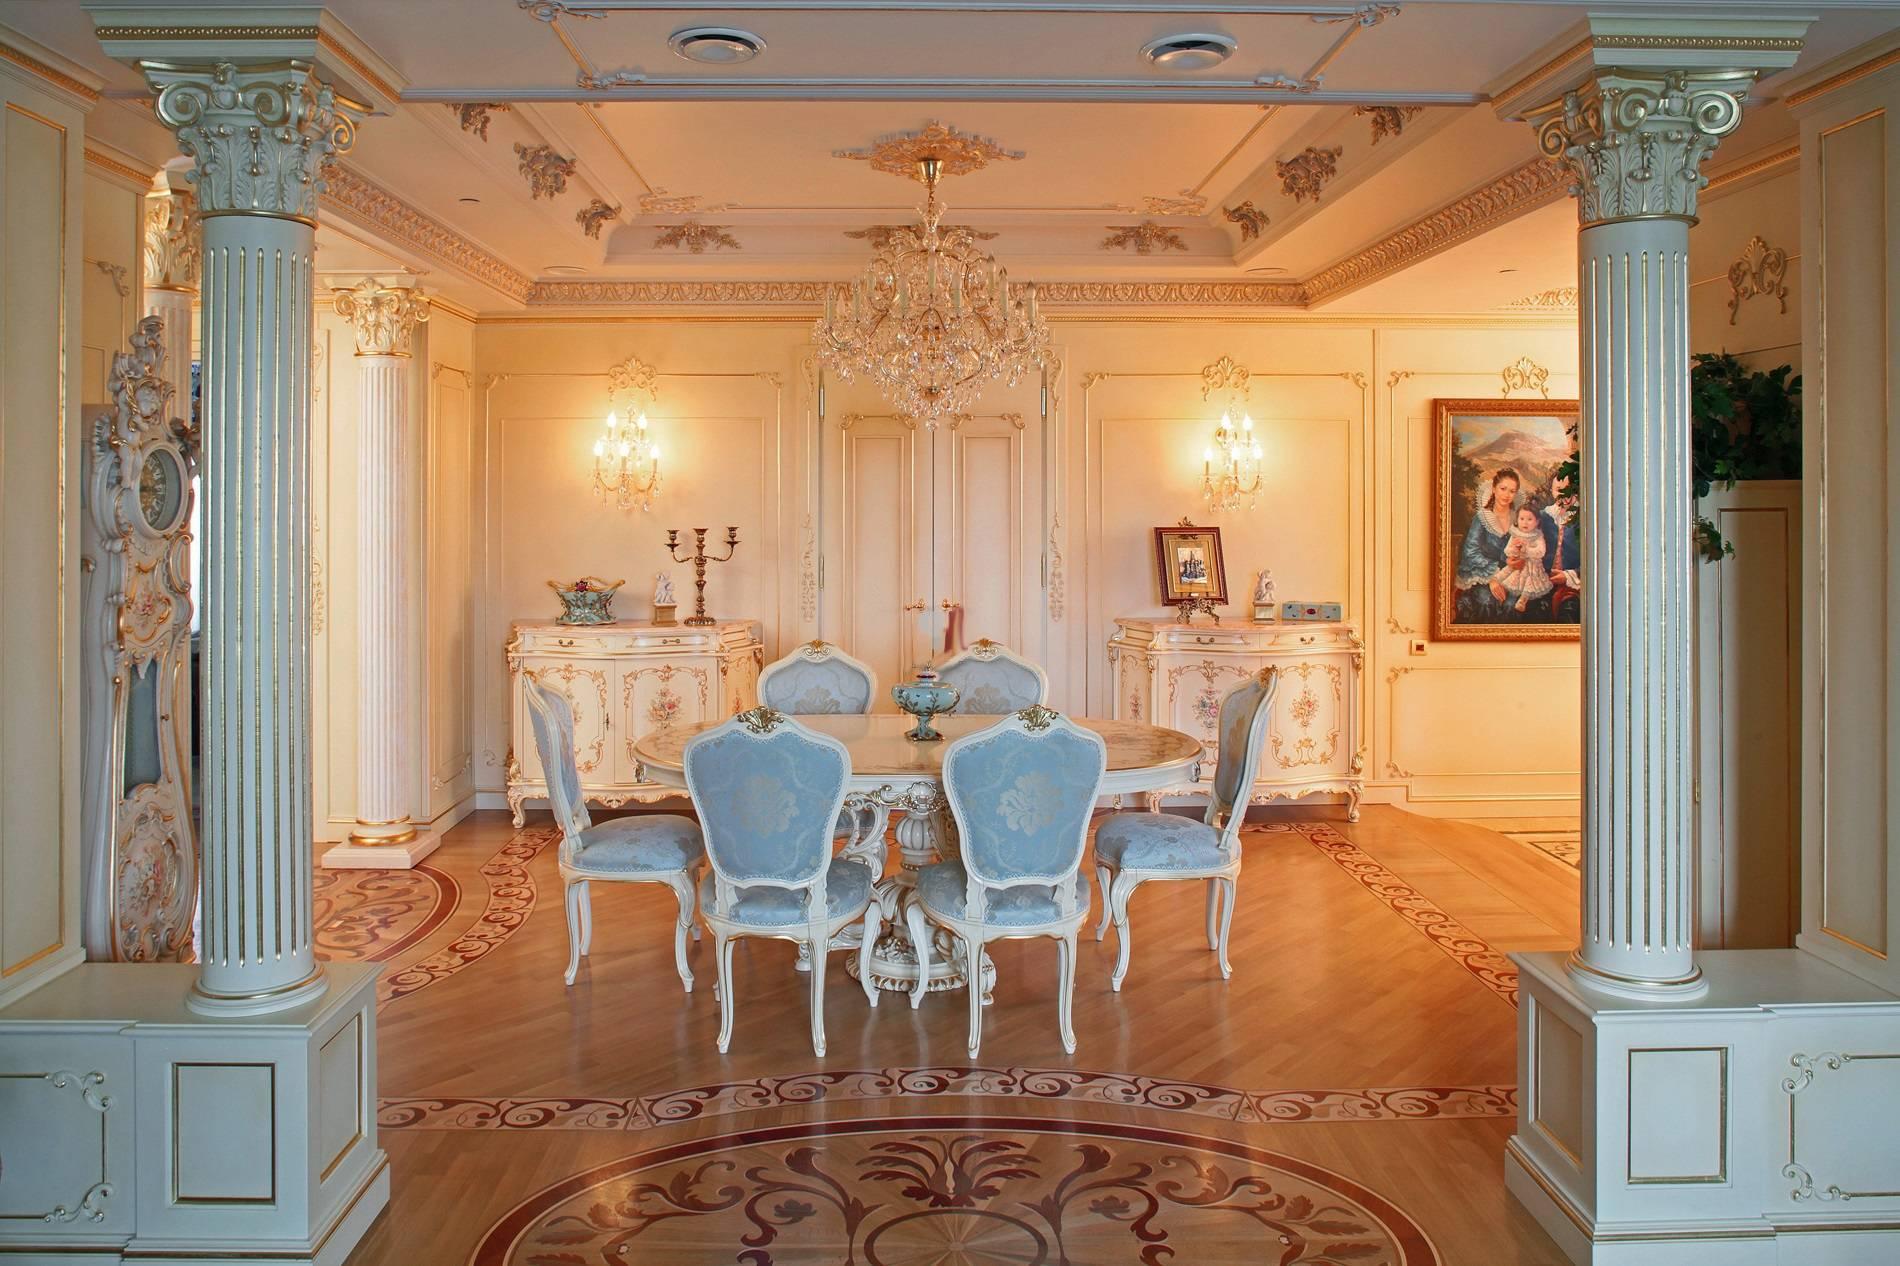 Стиль барокко в интерьере: дизайн - 42 фото